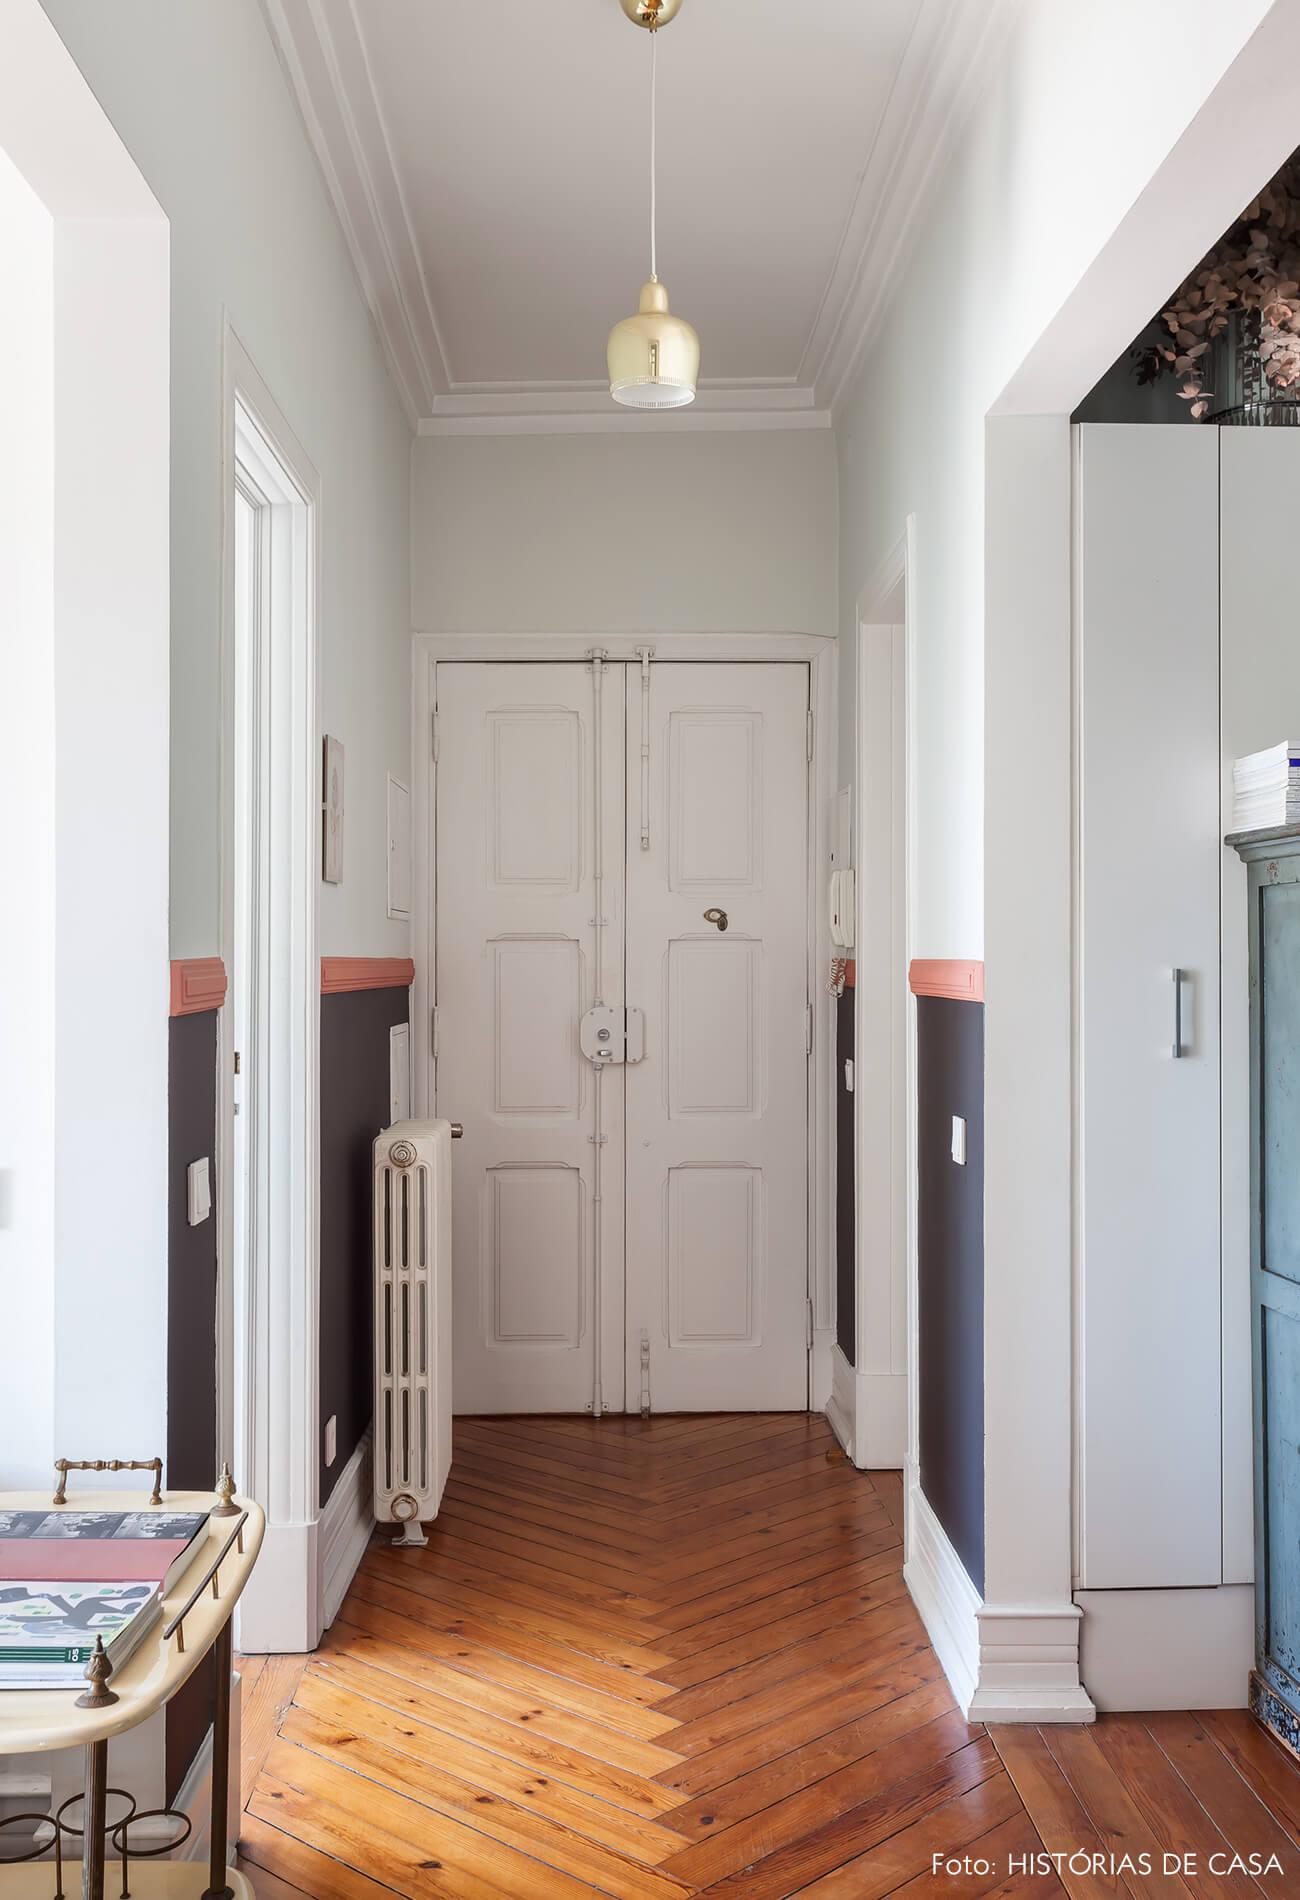 Decoração com piso de madeira e paredes brancas e preta